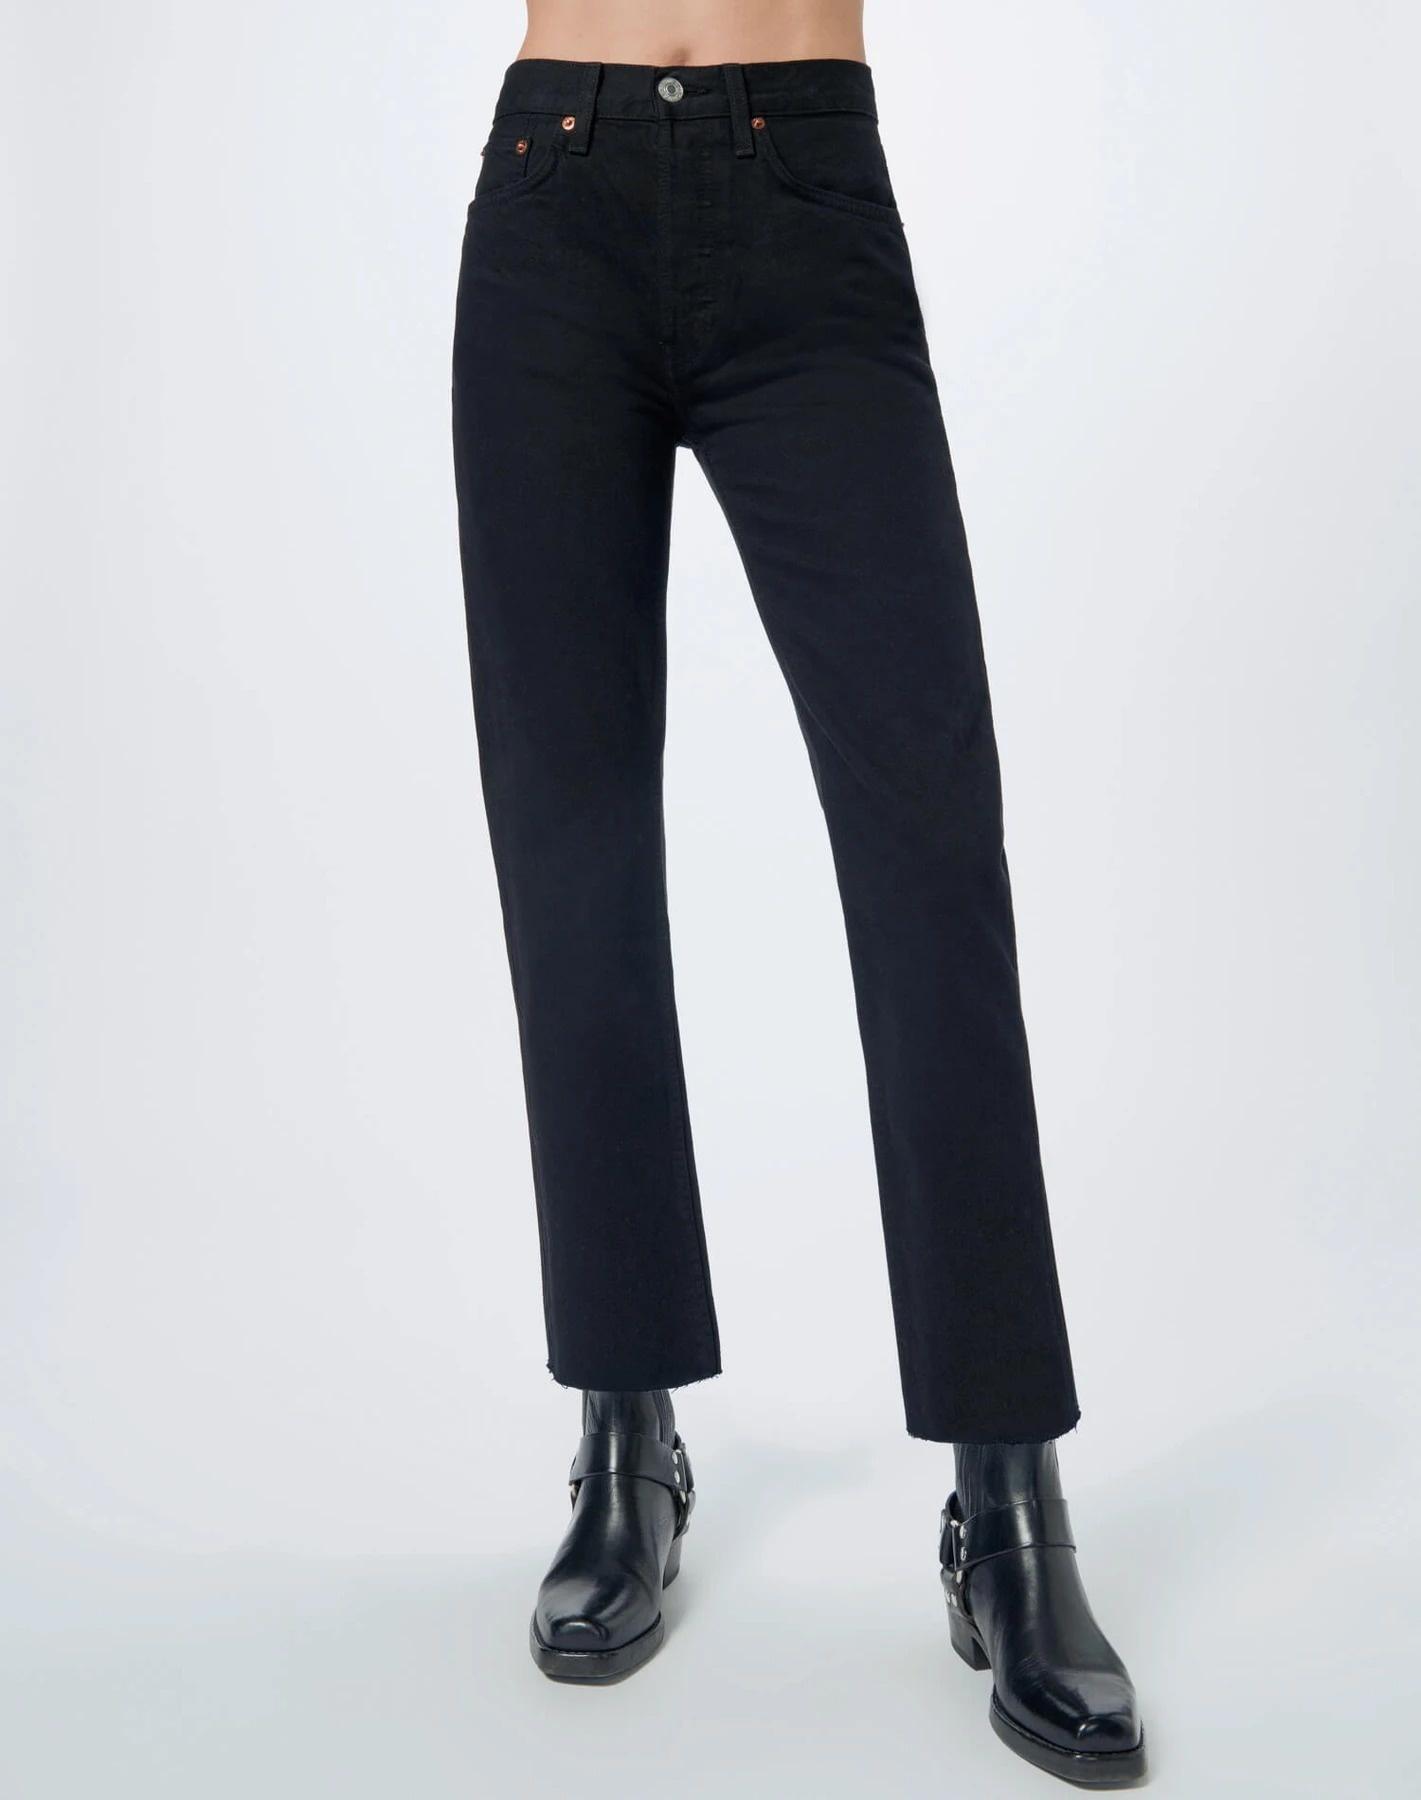 Stove Pipe Jeans Black